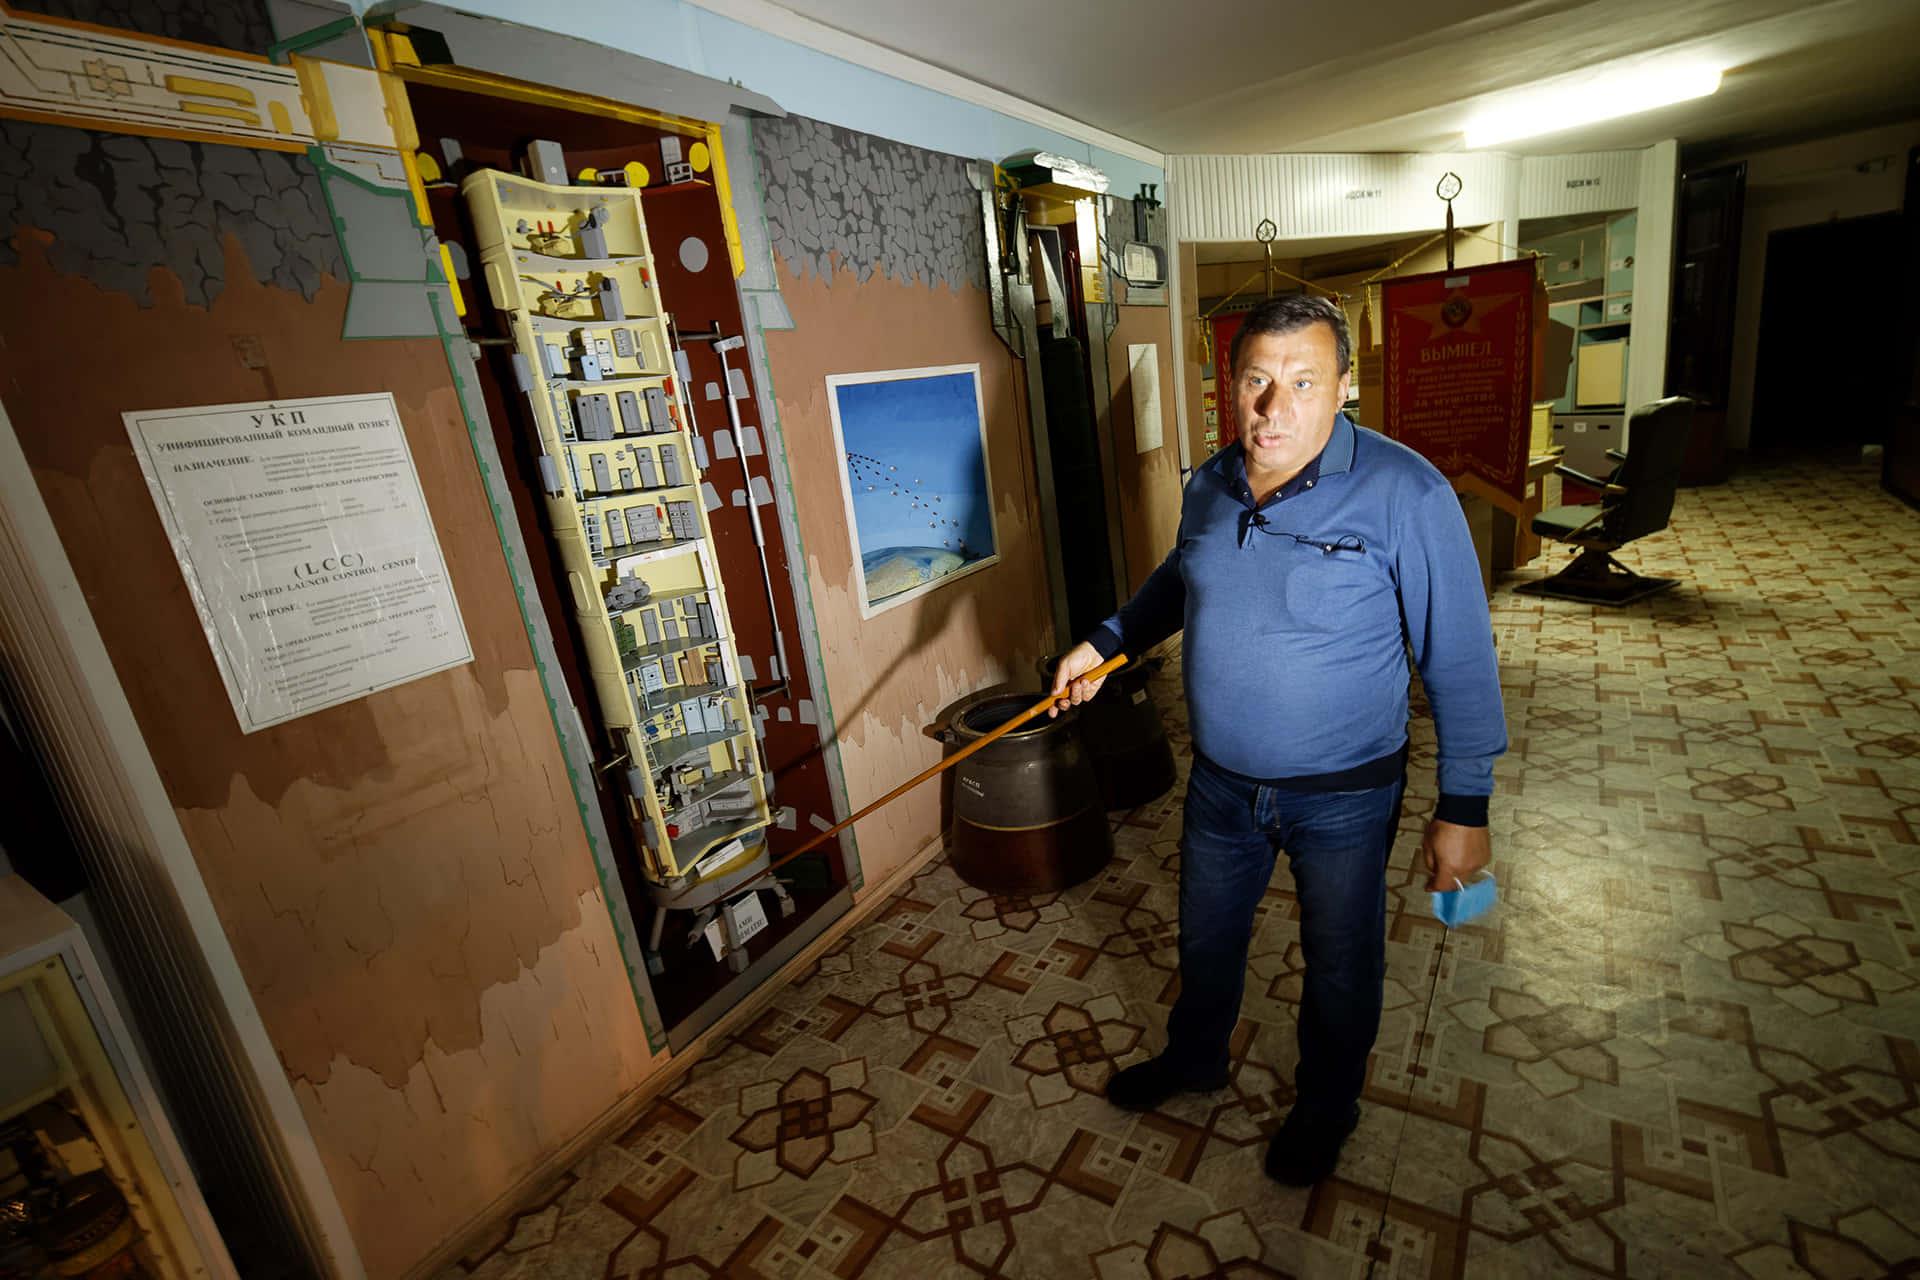 Владимир Солоненко показывает макет командного пункта в разрезе. 12 отсеков, напичканных оборудованием. В самом низу – жилая комната